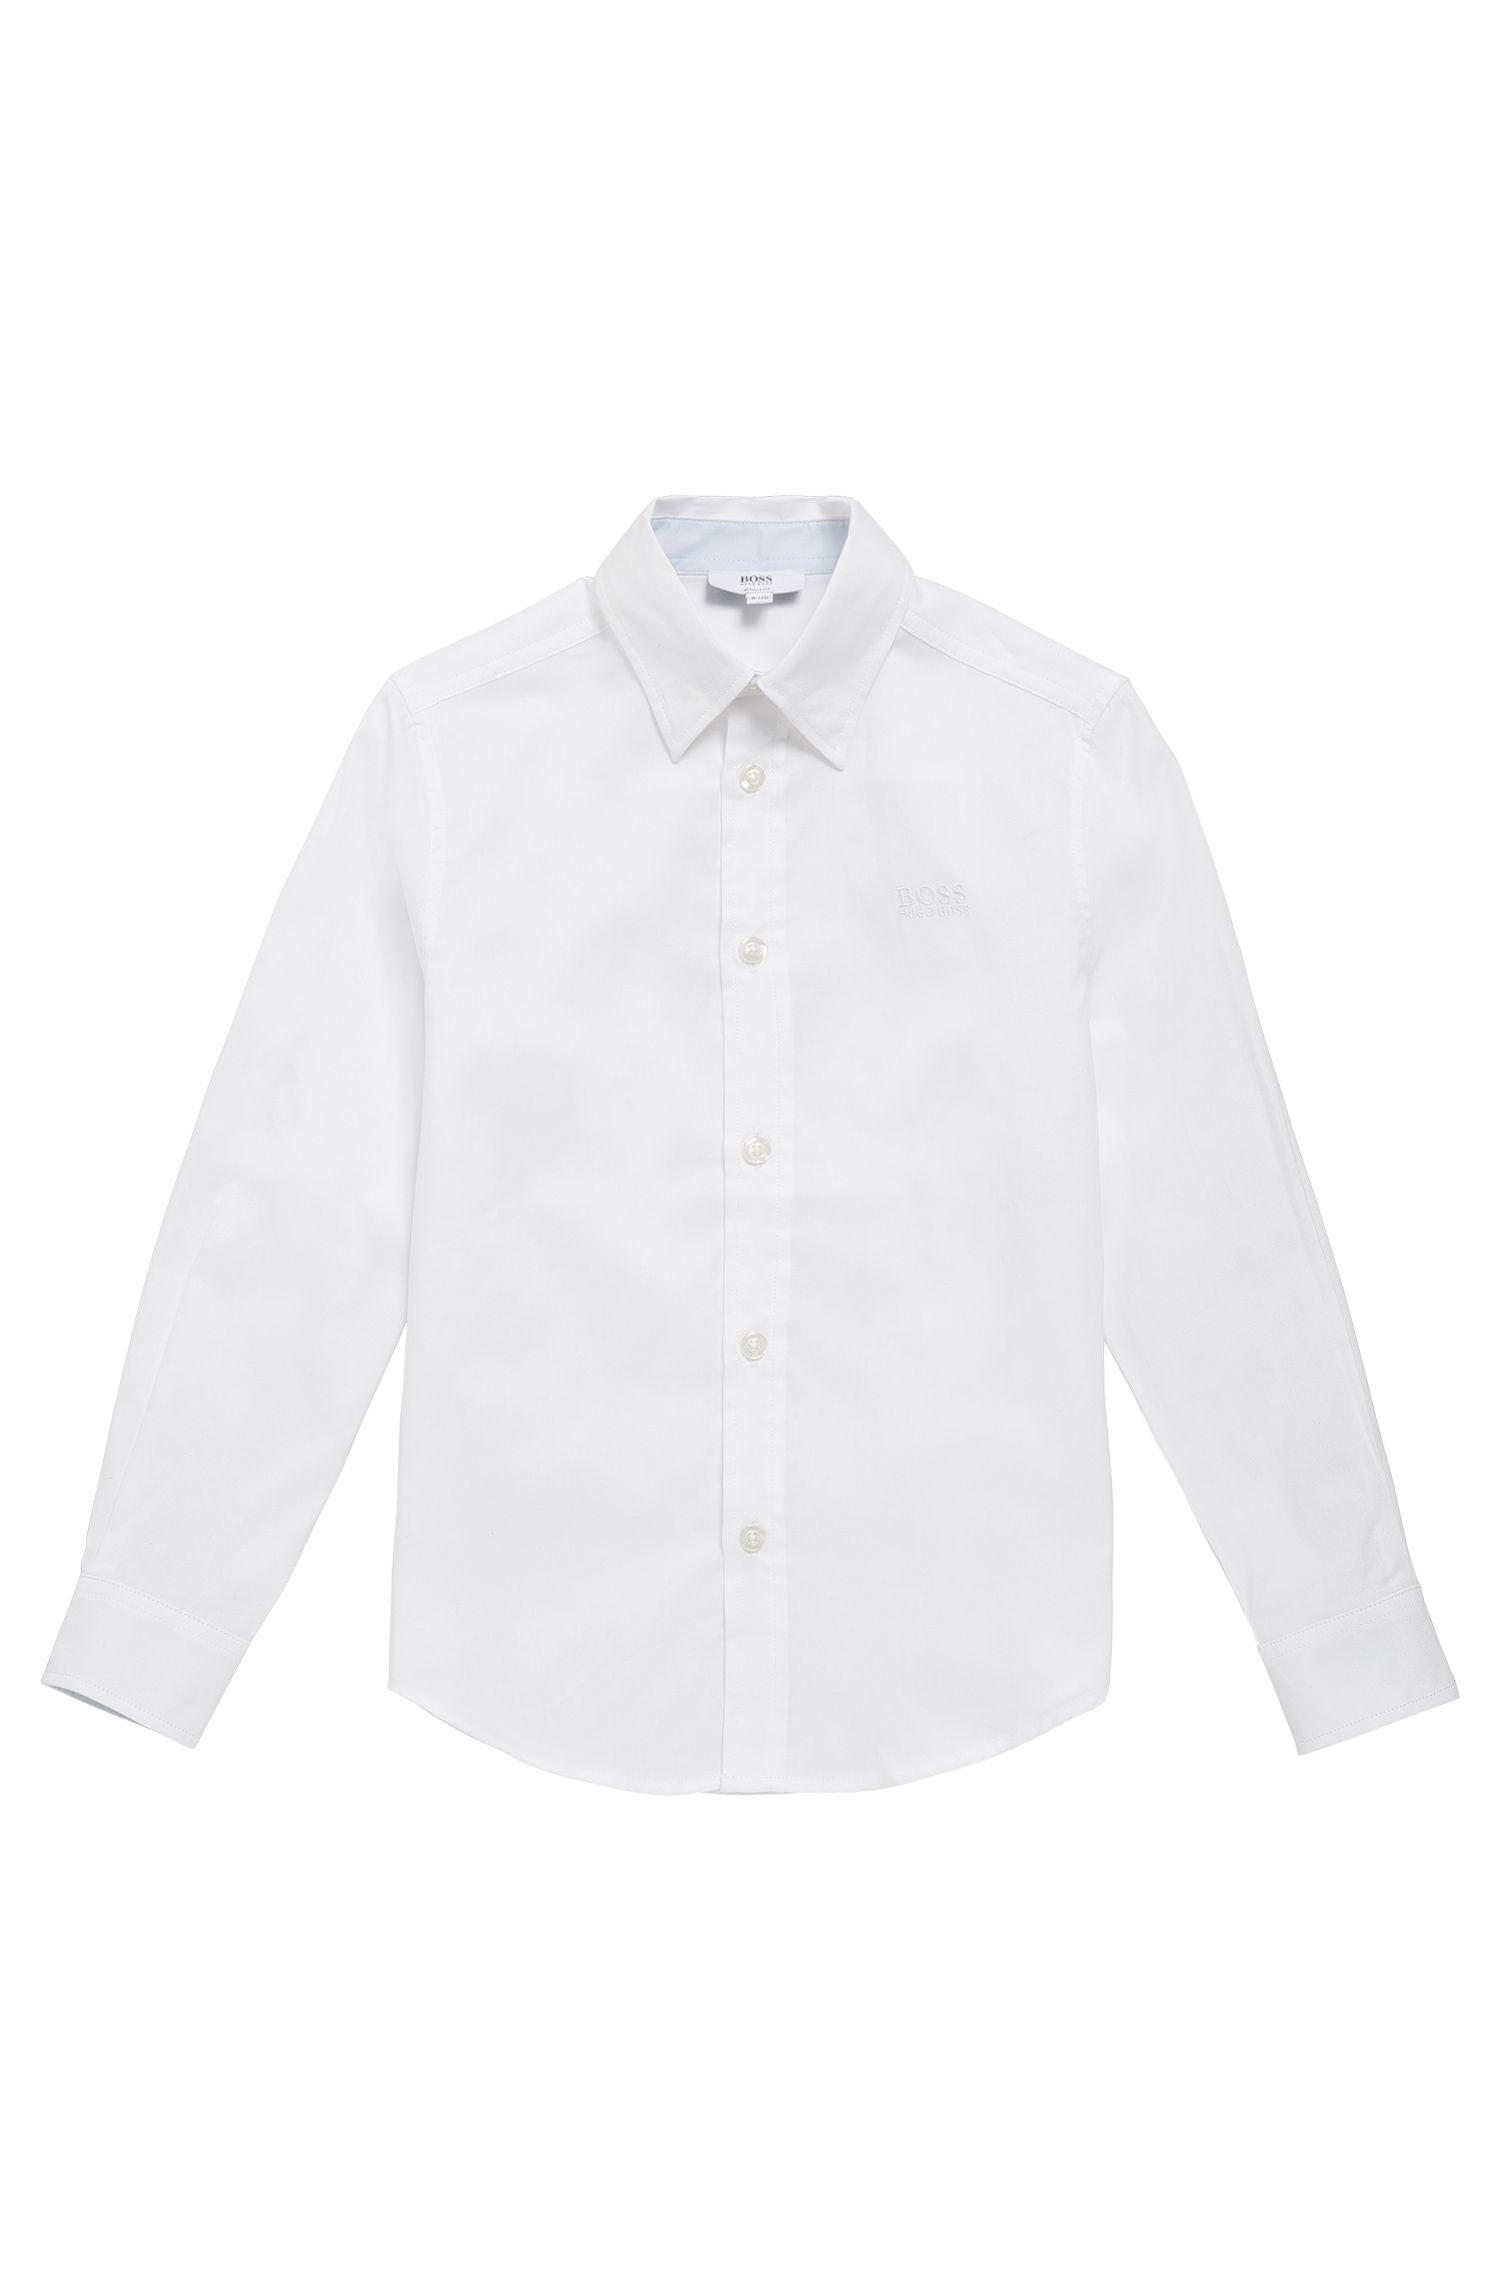 Chemise pour enfant en coton structuré raffiné: «J25977»